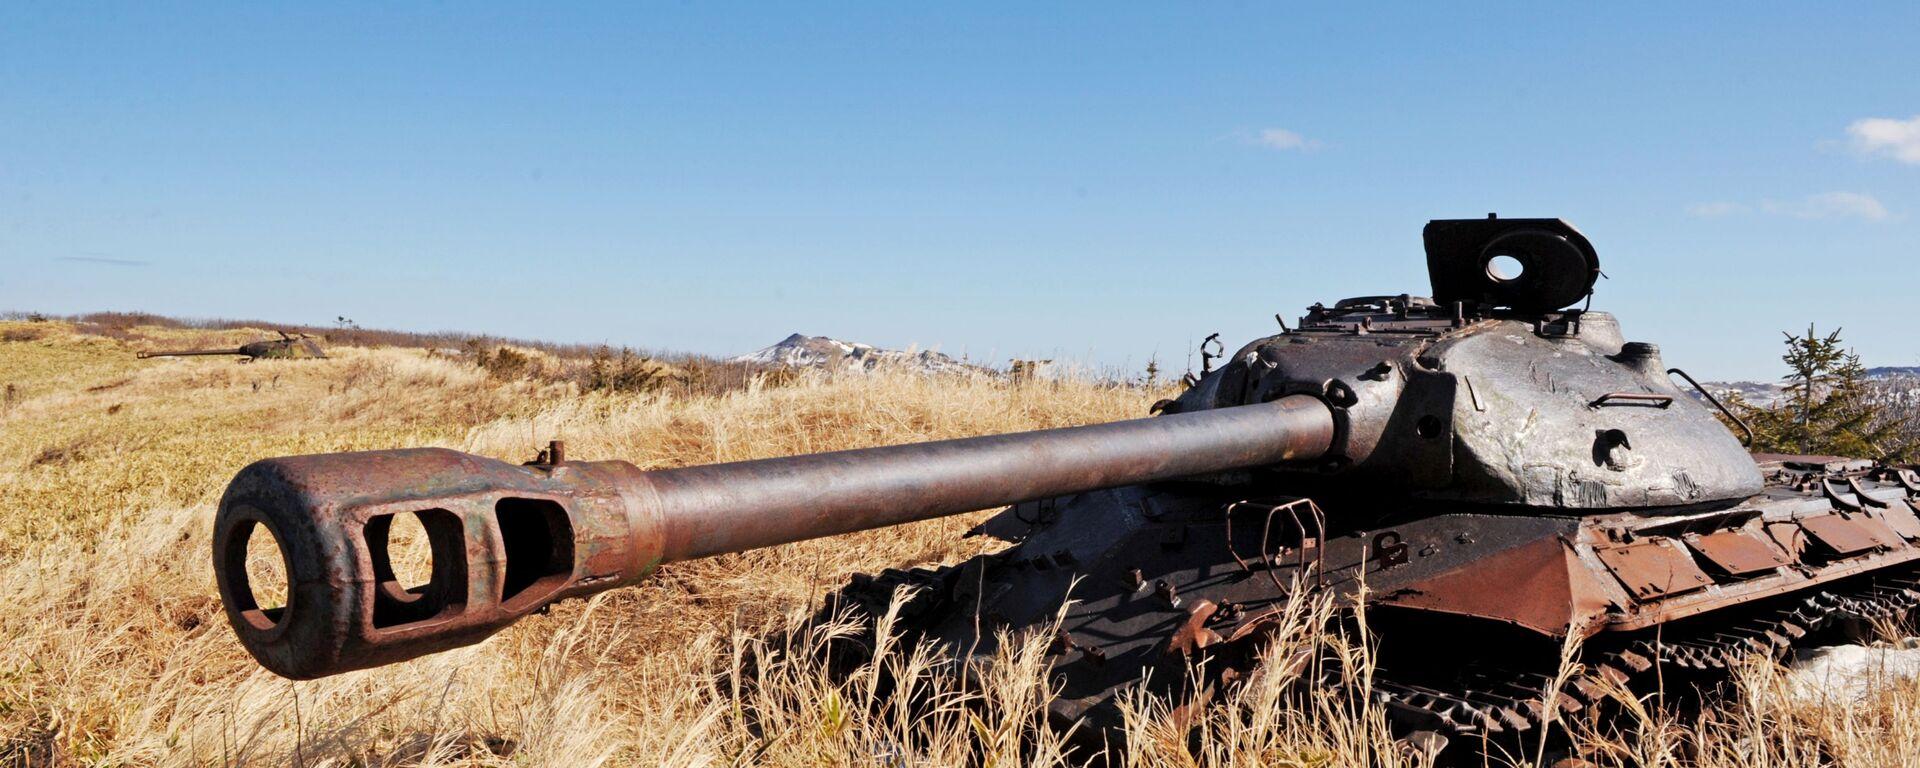 Tanque soviético IS-3 en la isla Shikotán, archipiélago de las Kuriles - Sputnik Mundo, 1920, 02.02.2021